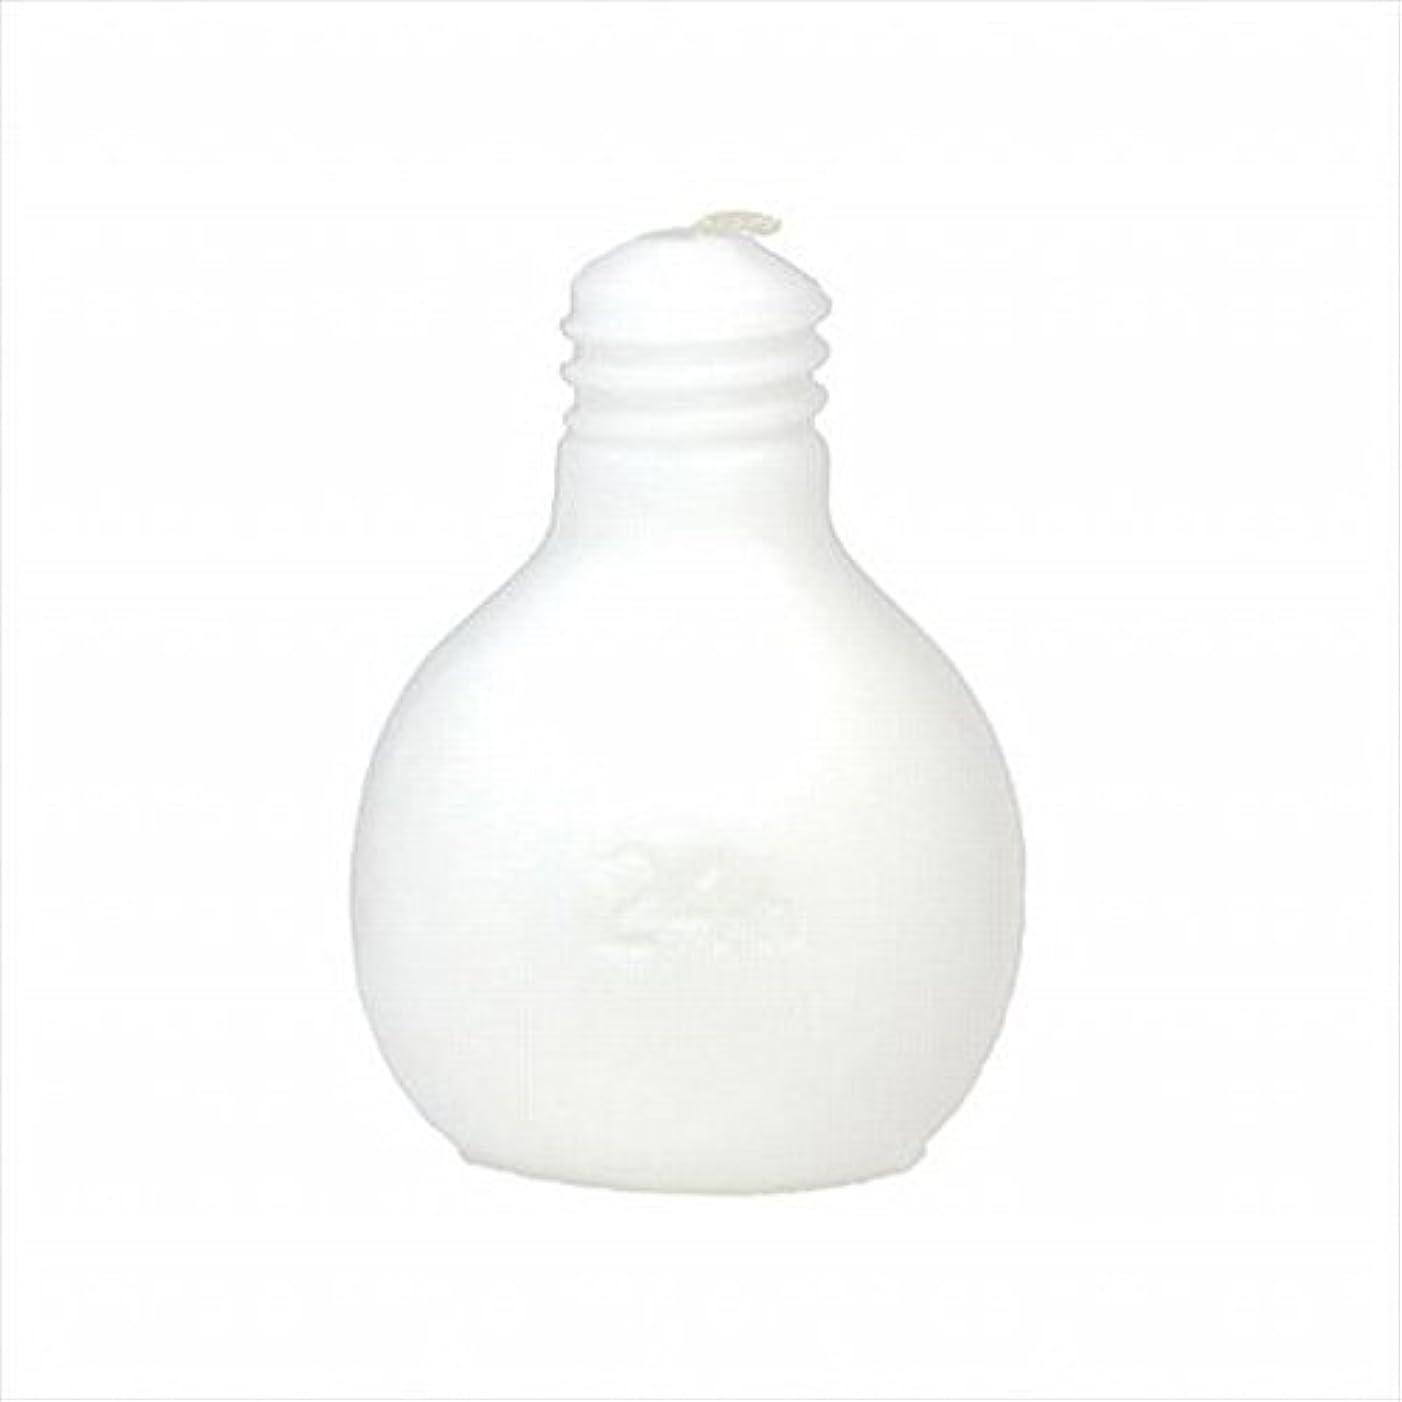 研磨つぼみペルセウスkameyama candle(カメヤマキャンドル) 節電球キャンドル 「 ホワイト 」 キャンドル 75x75x98mm (A4220000W)